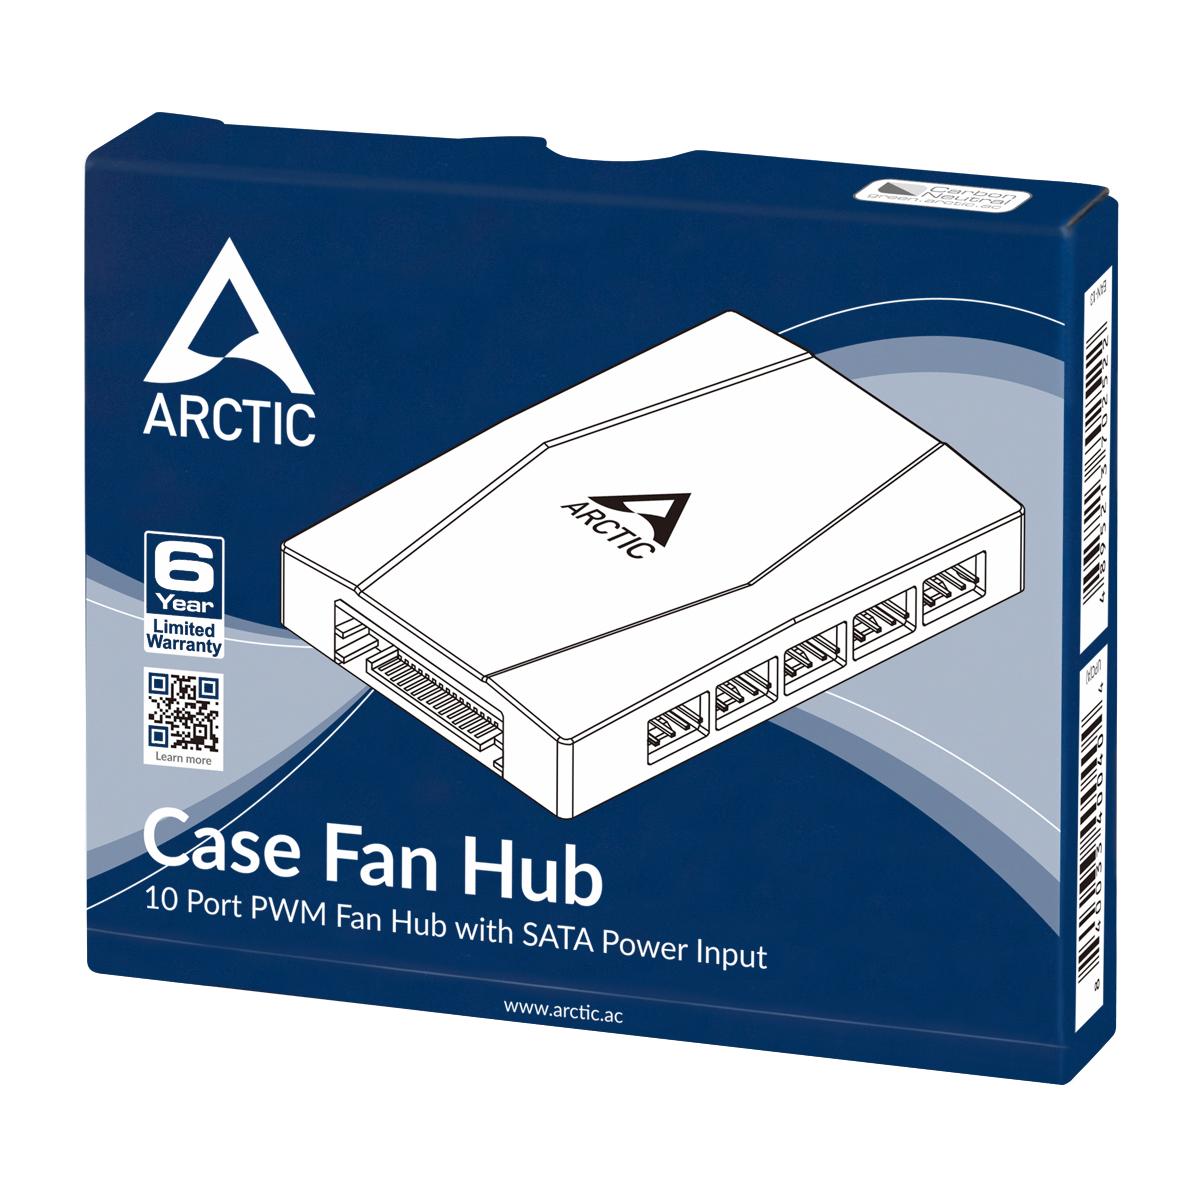 Case Fan Hub